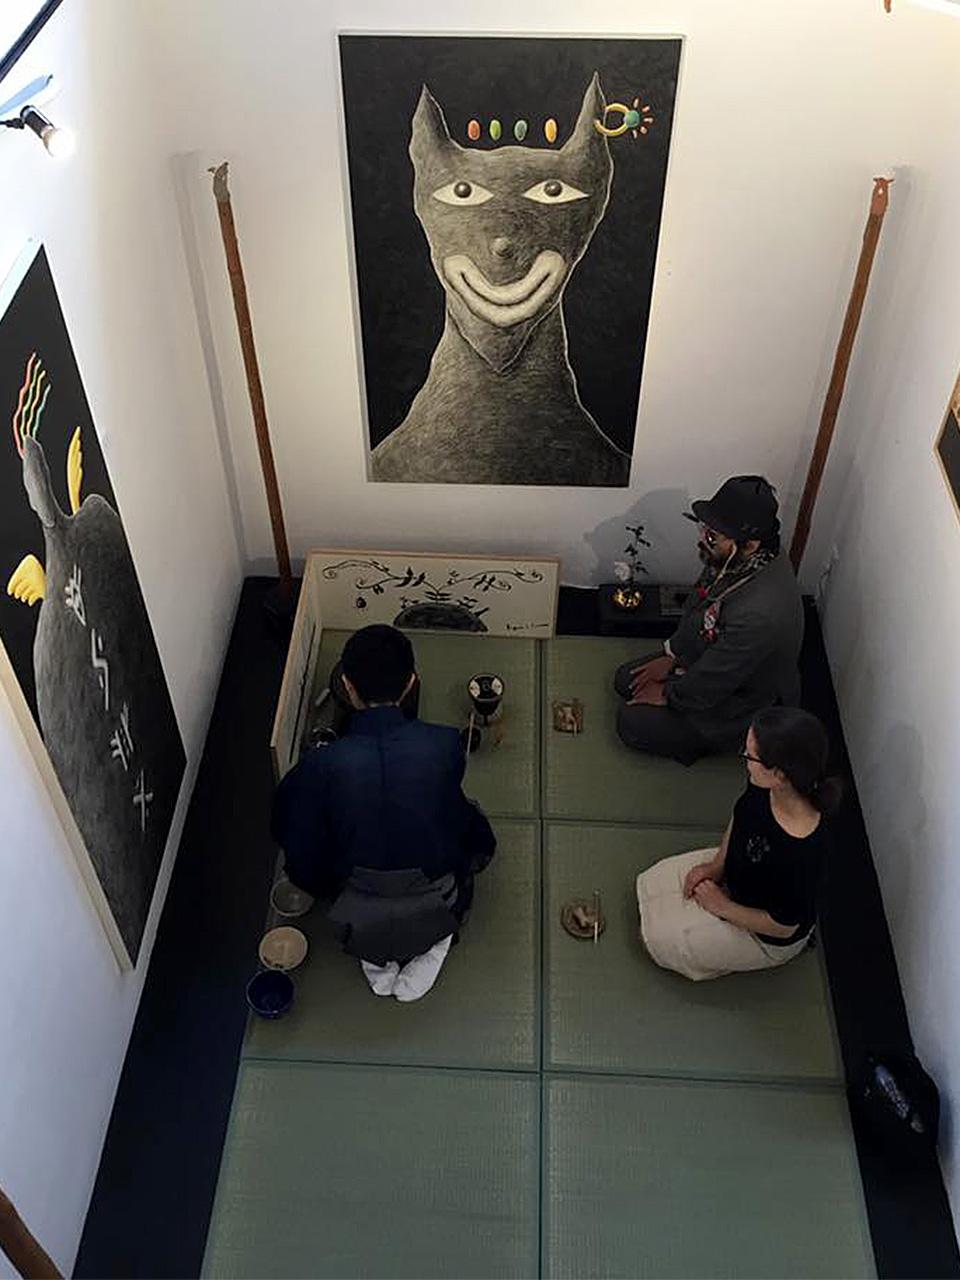 芦屋画廊kyoto お茶会の様子